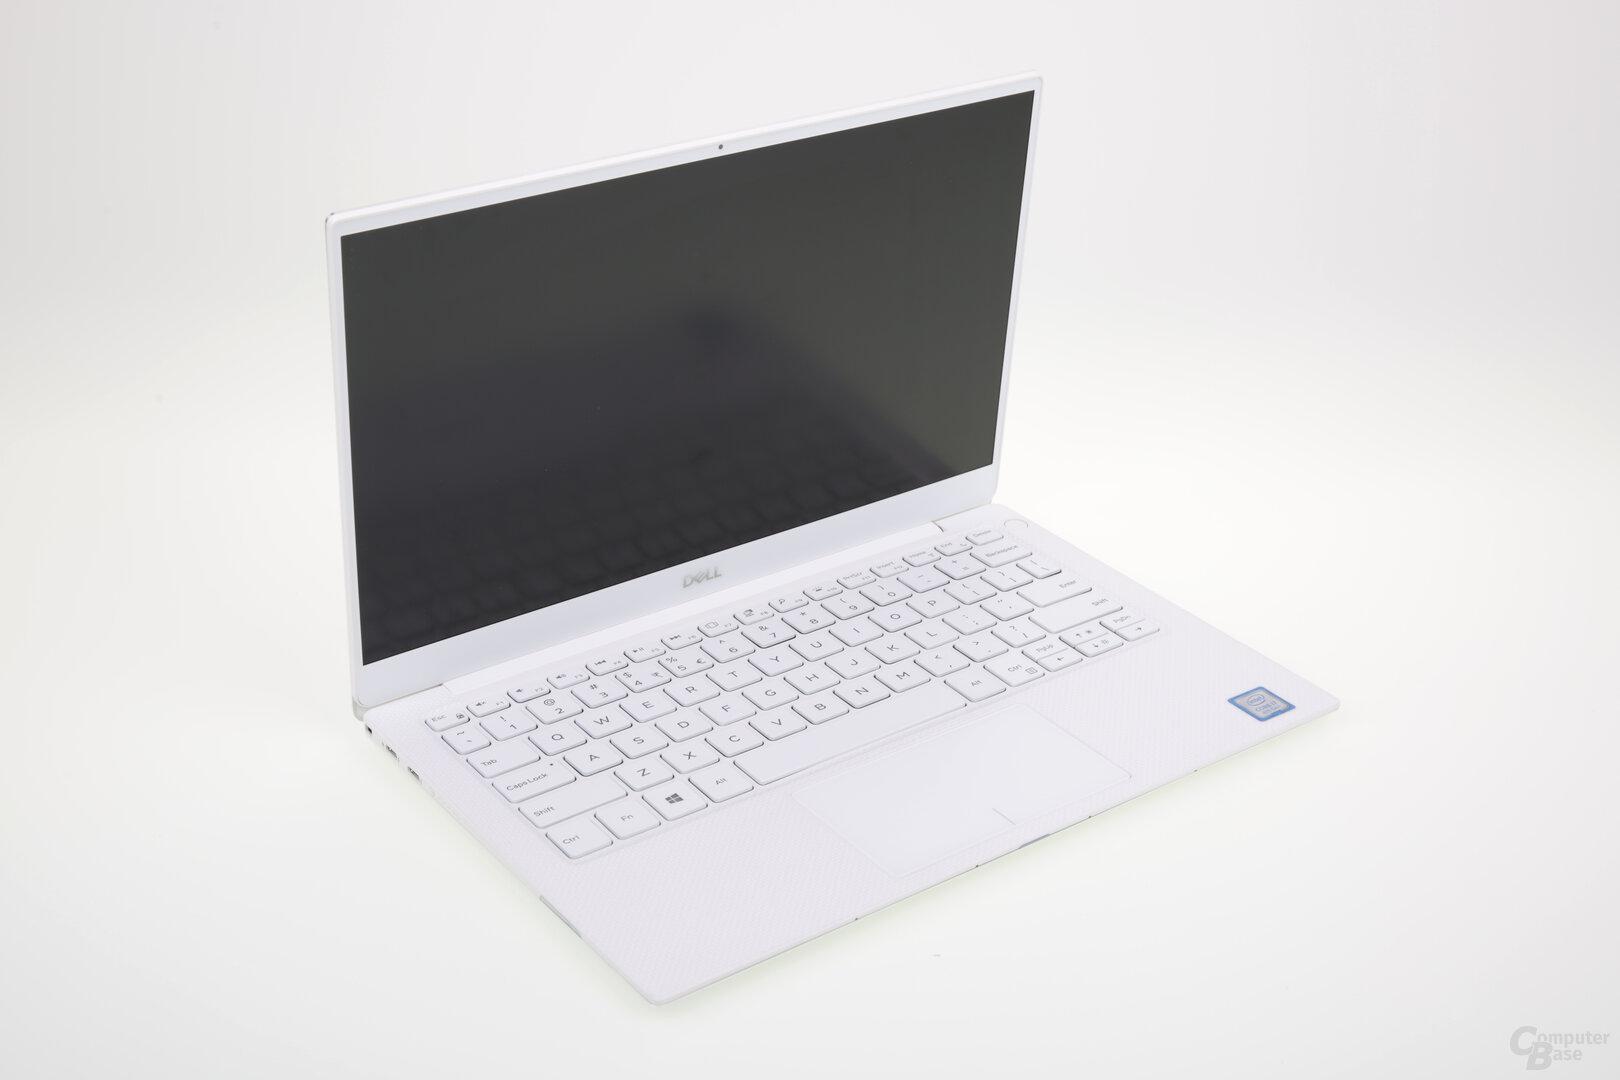 XPS 13 (9380) mit weißer Tastatur